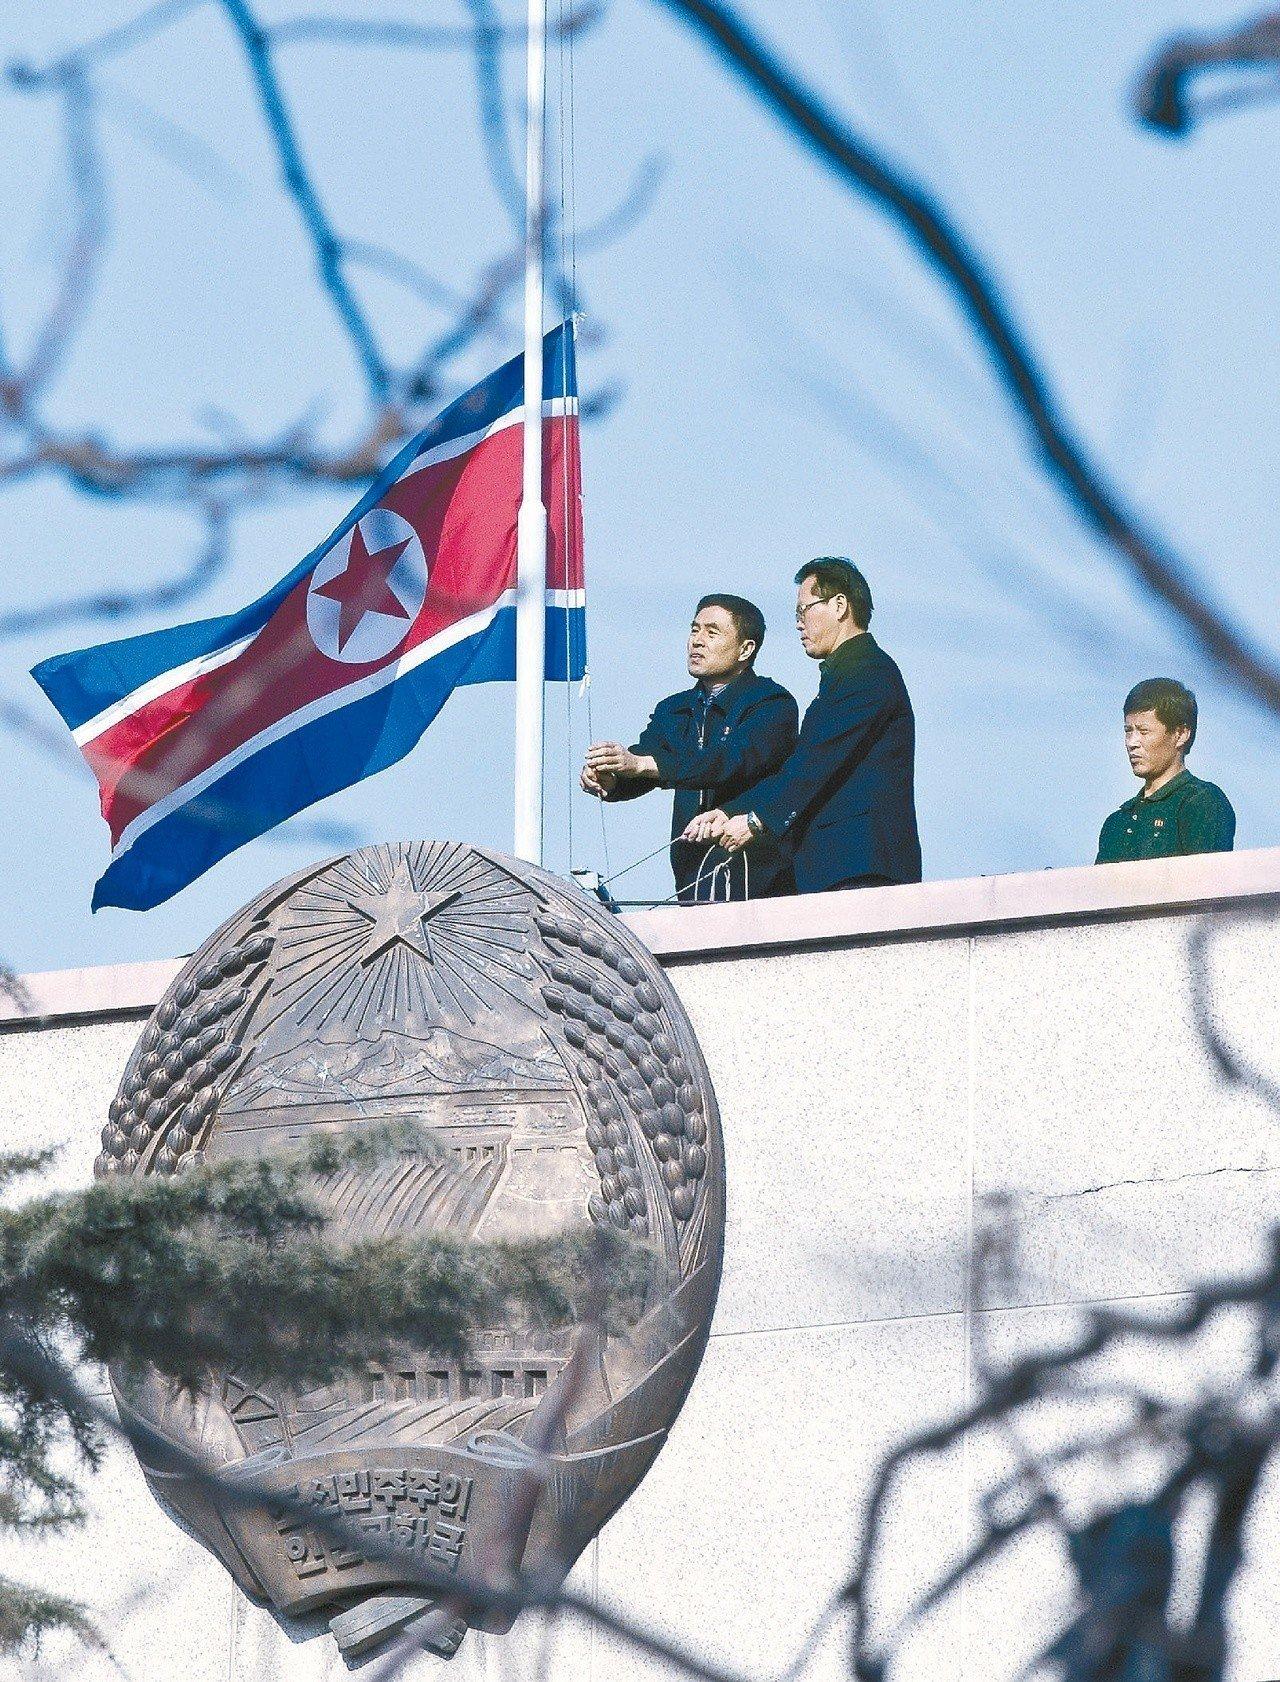 人權團體「轉型正義工作組」11日公布一份報告顯示,北韓境內公開處決的刑場竟多達3...